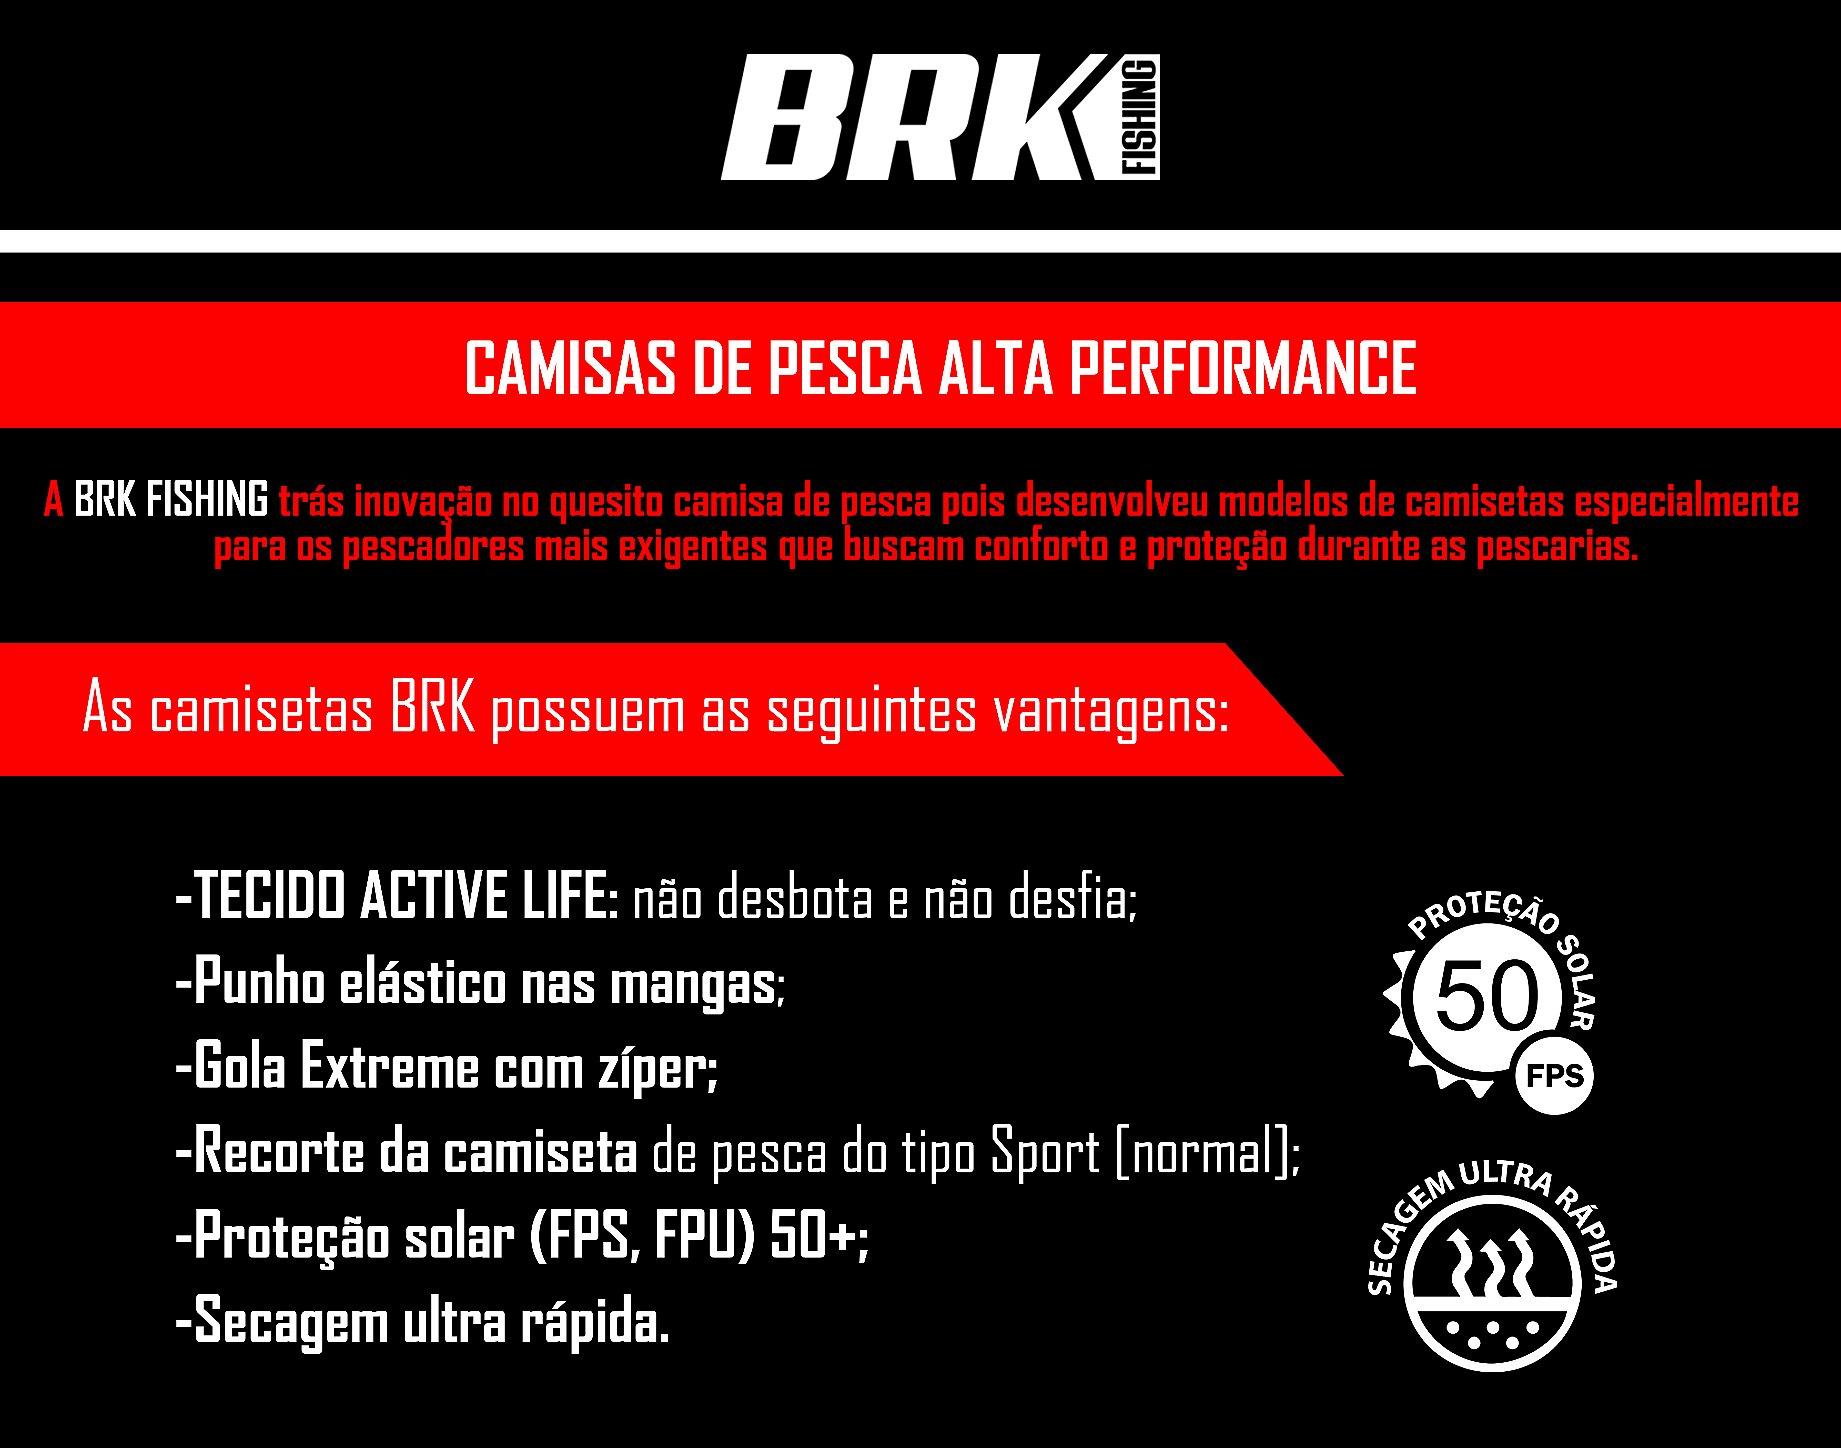 34c6197137ae4f Camisa de Pesca Brk Dourado Rei do Rio 1.0 com fps 50+ - Camisa de ...